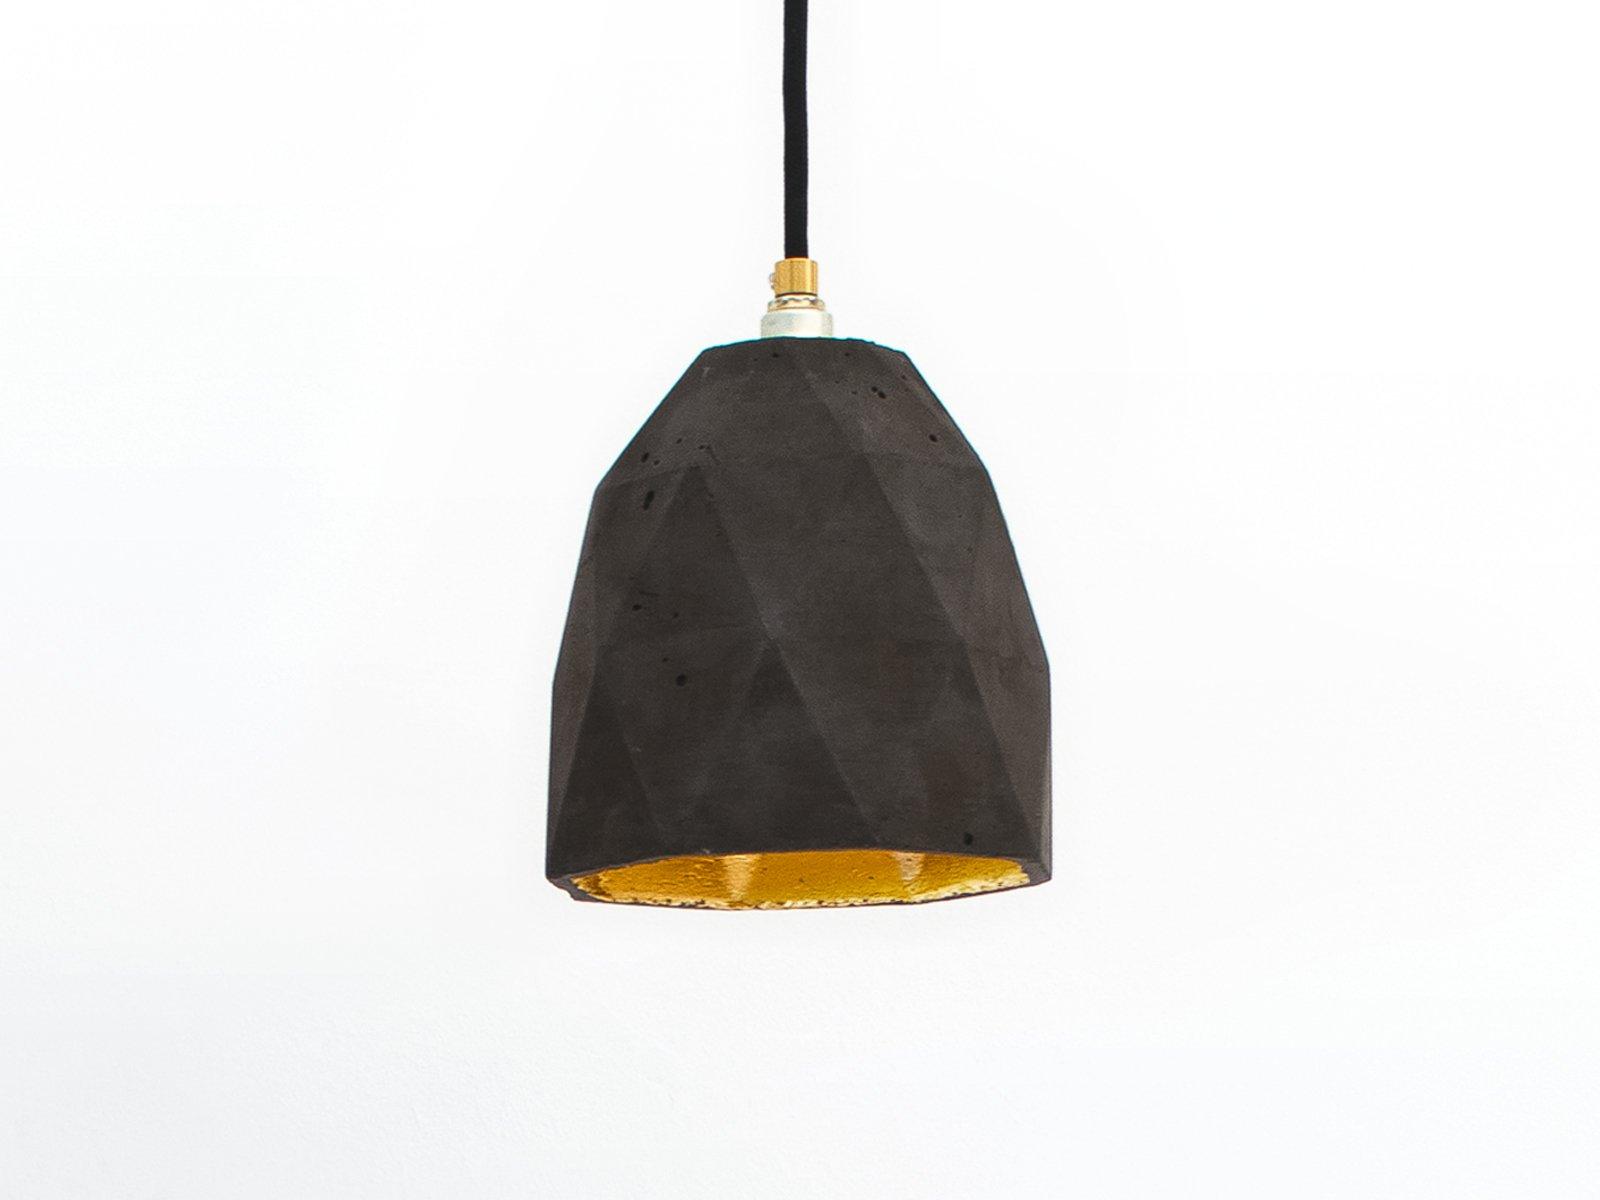 [T1] Hängelampe aus dunklem Beton & Gold Dreieck von Stefan Gant für G...